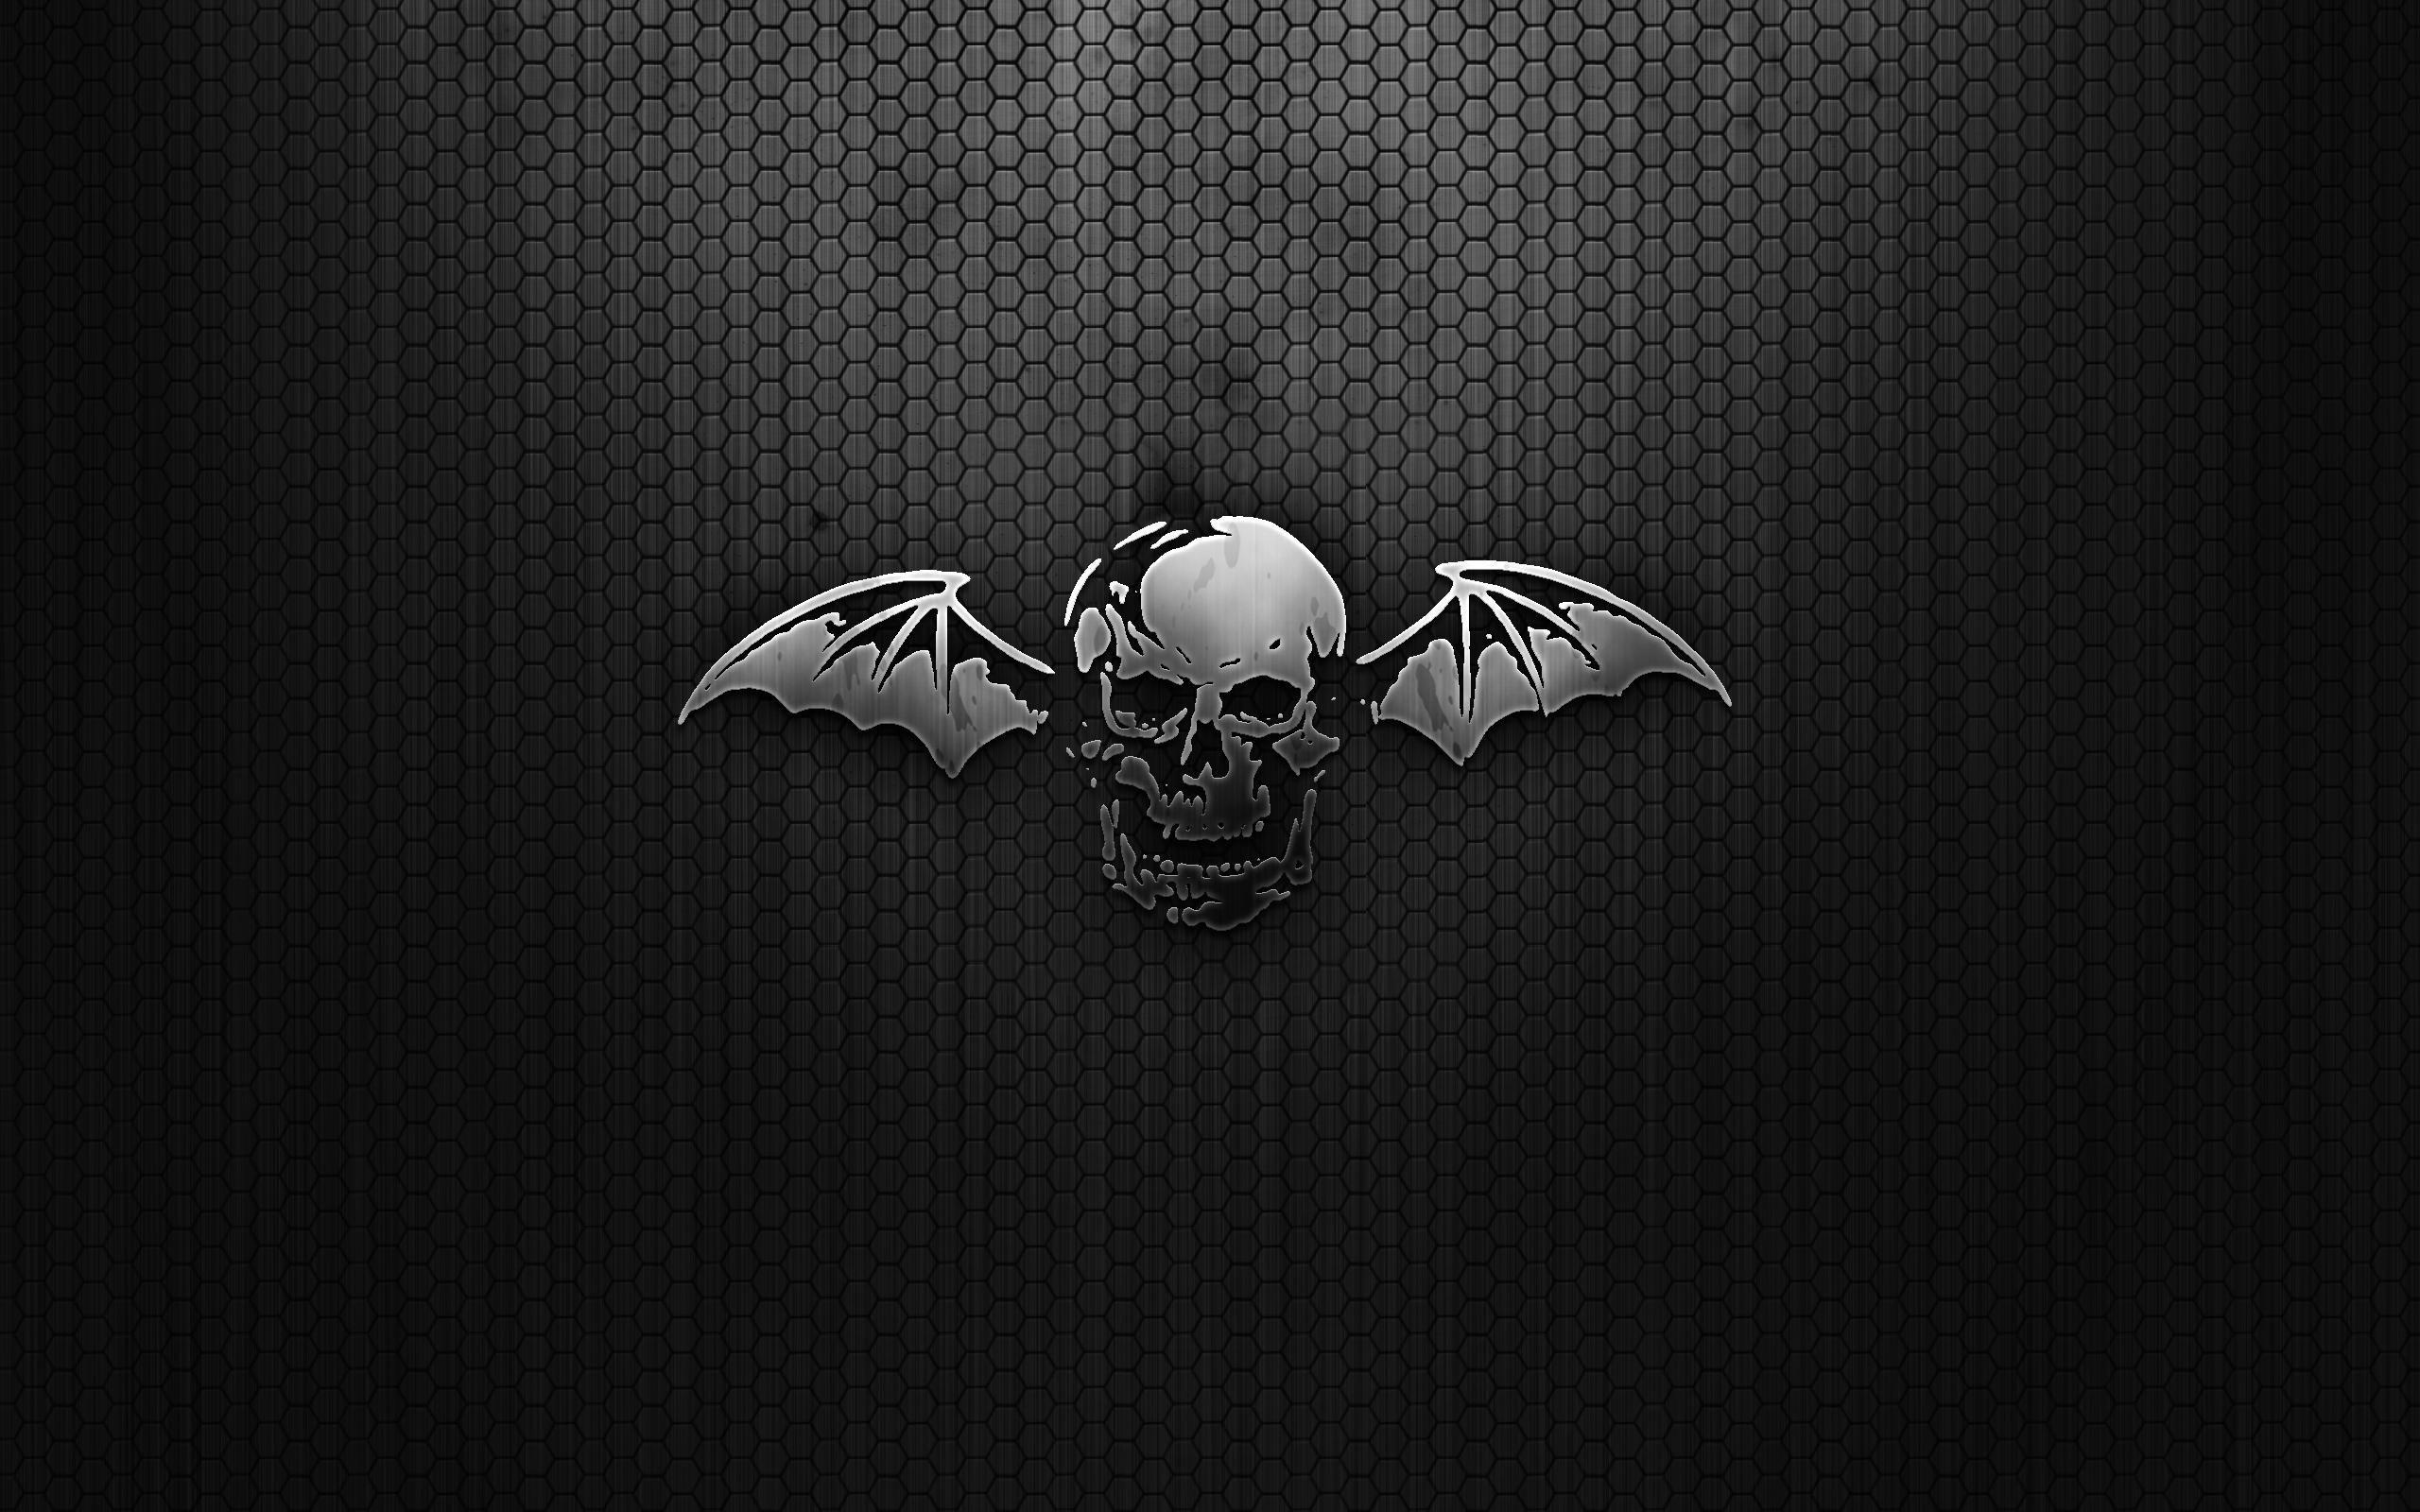 Avenged Sevenfold Logo wallpaper 82195 2560x1600